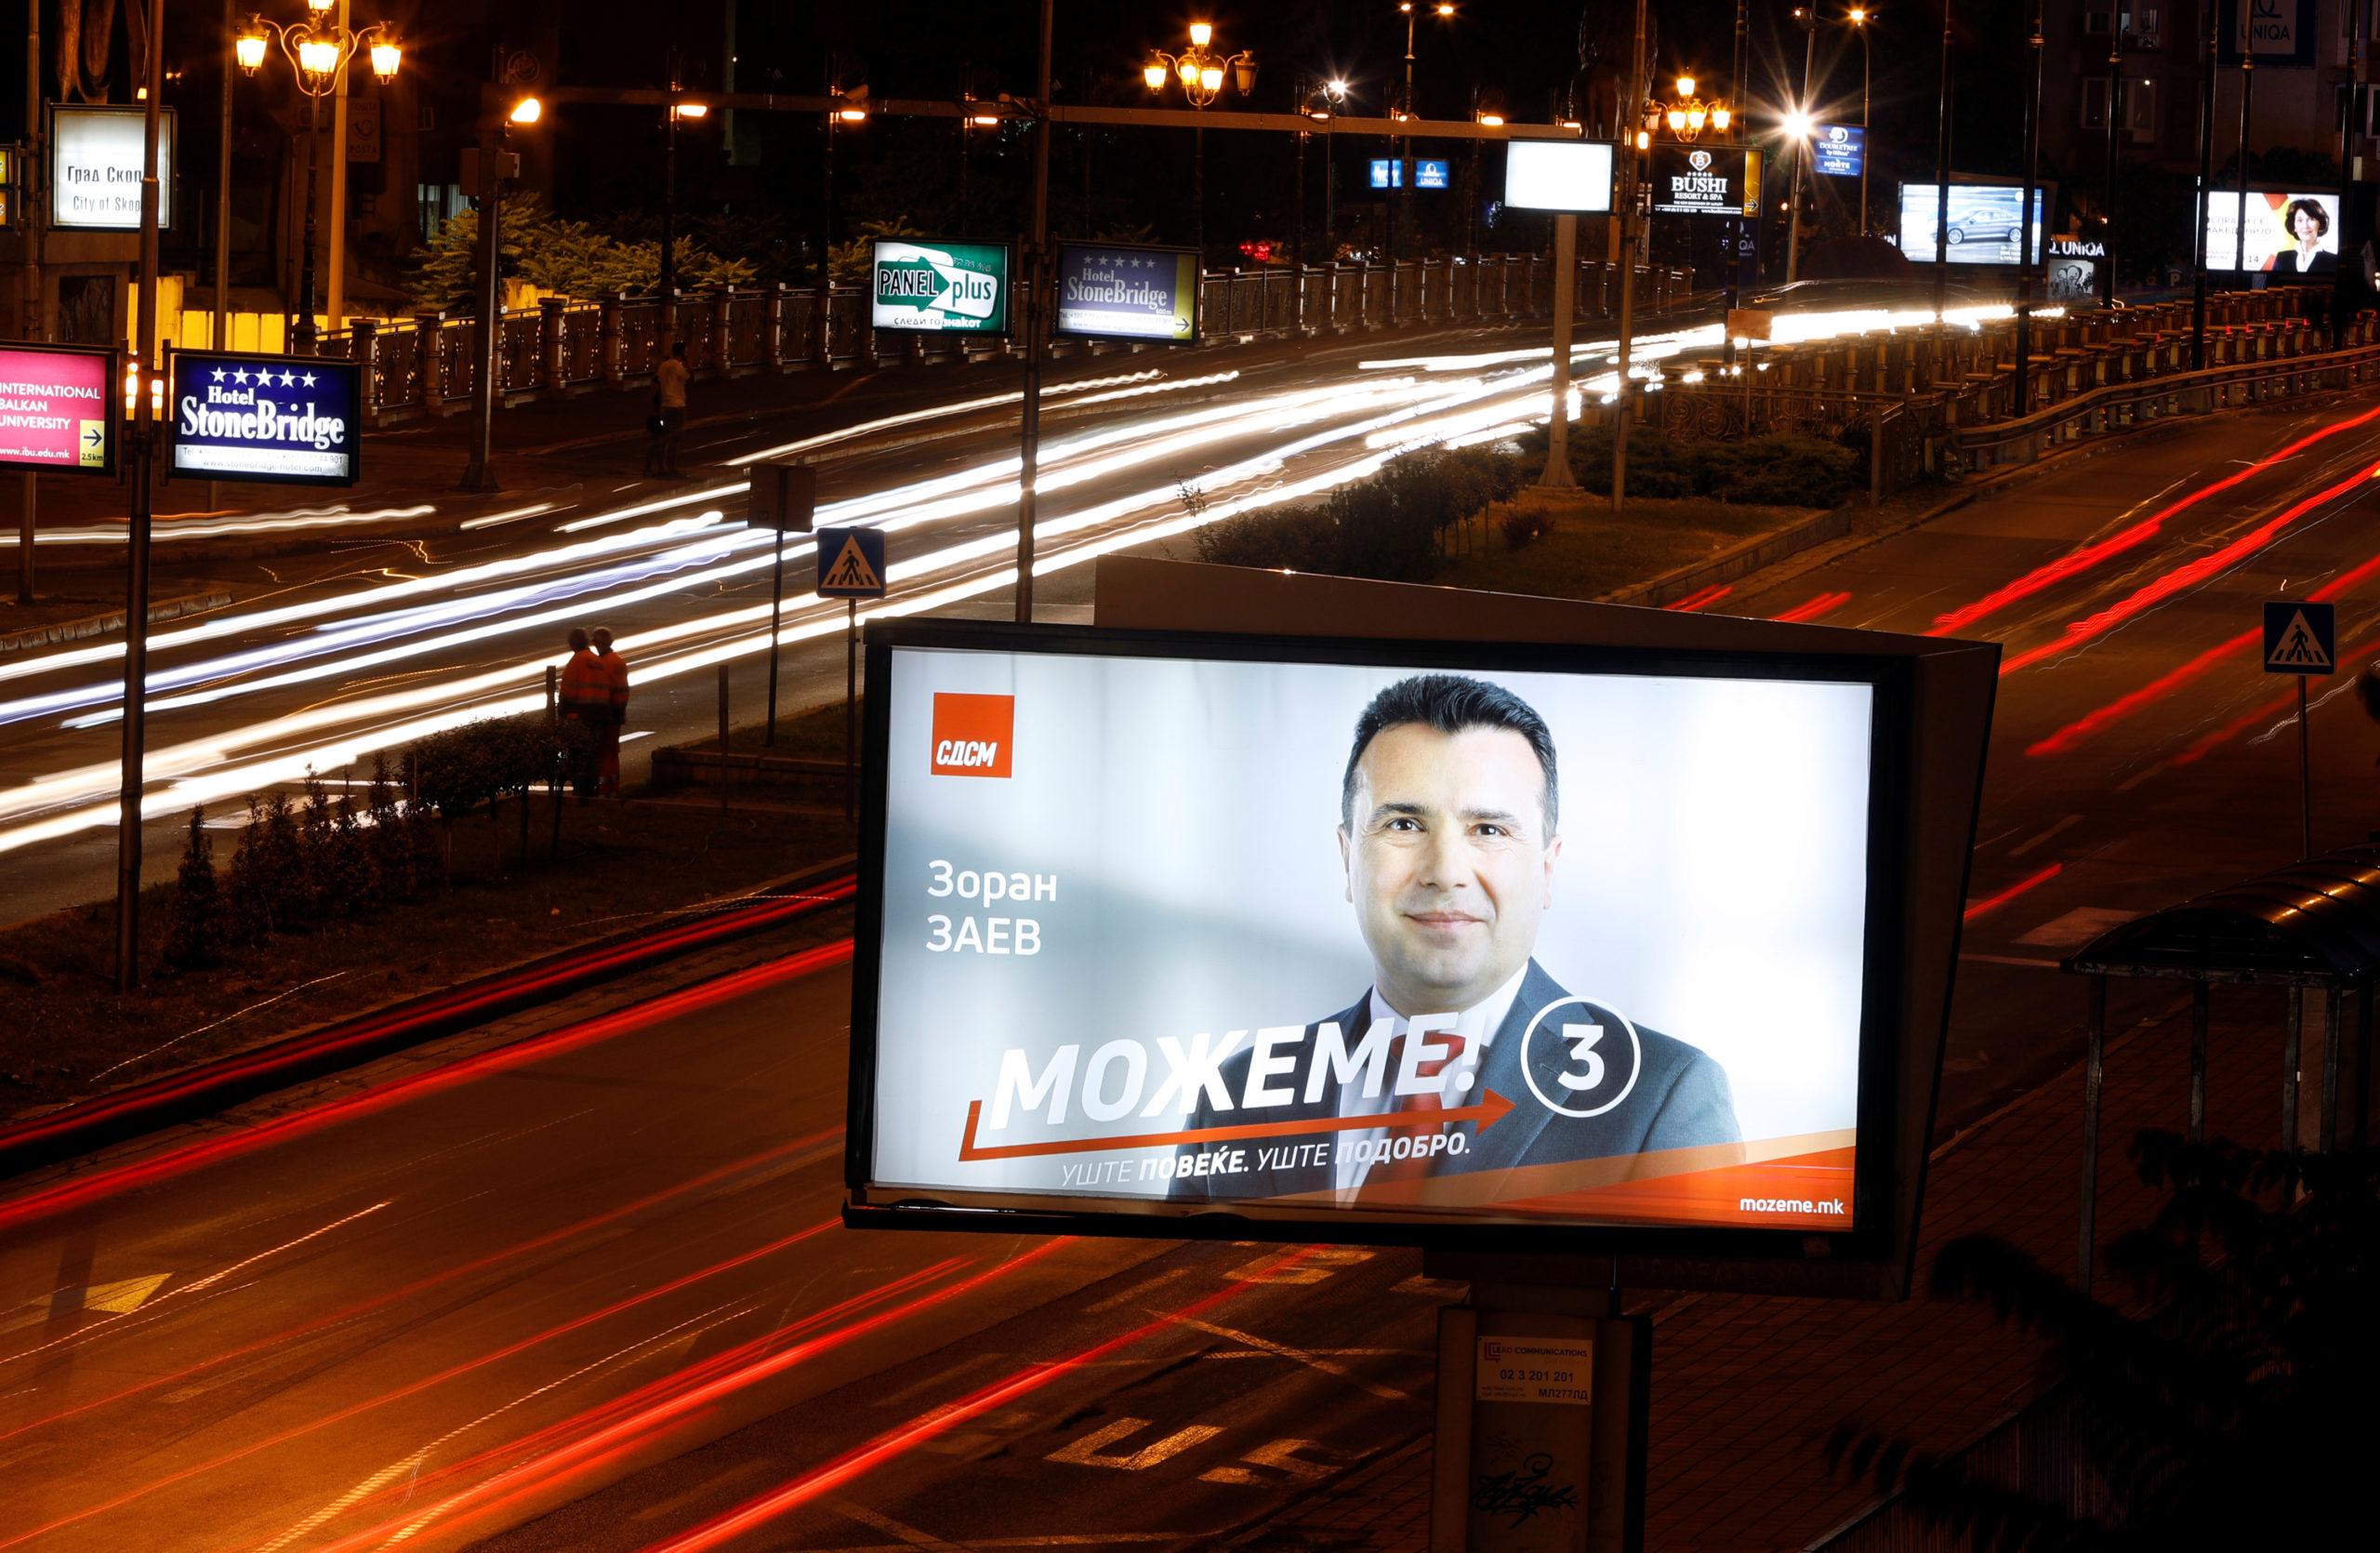 Macédoine du Nord : Législatives avec l'adhésion à l'UE en toile de fond